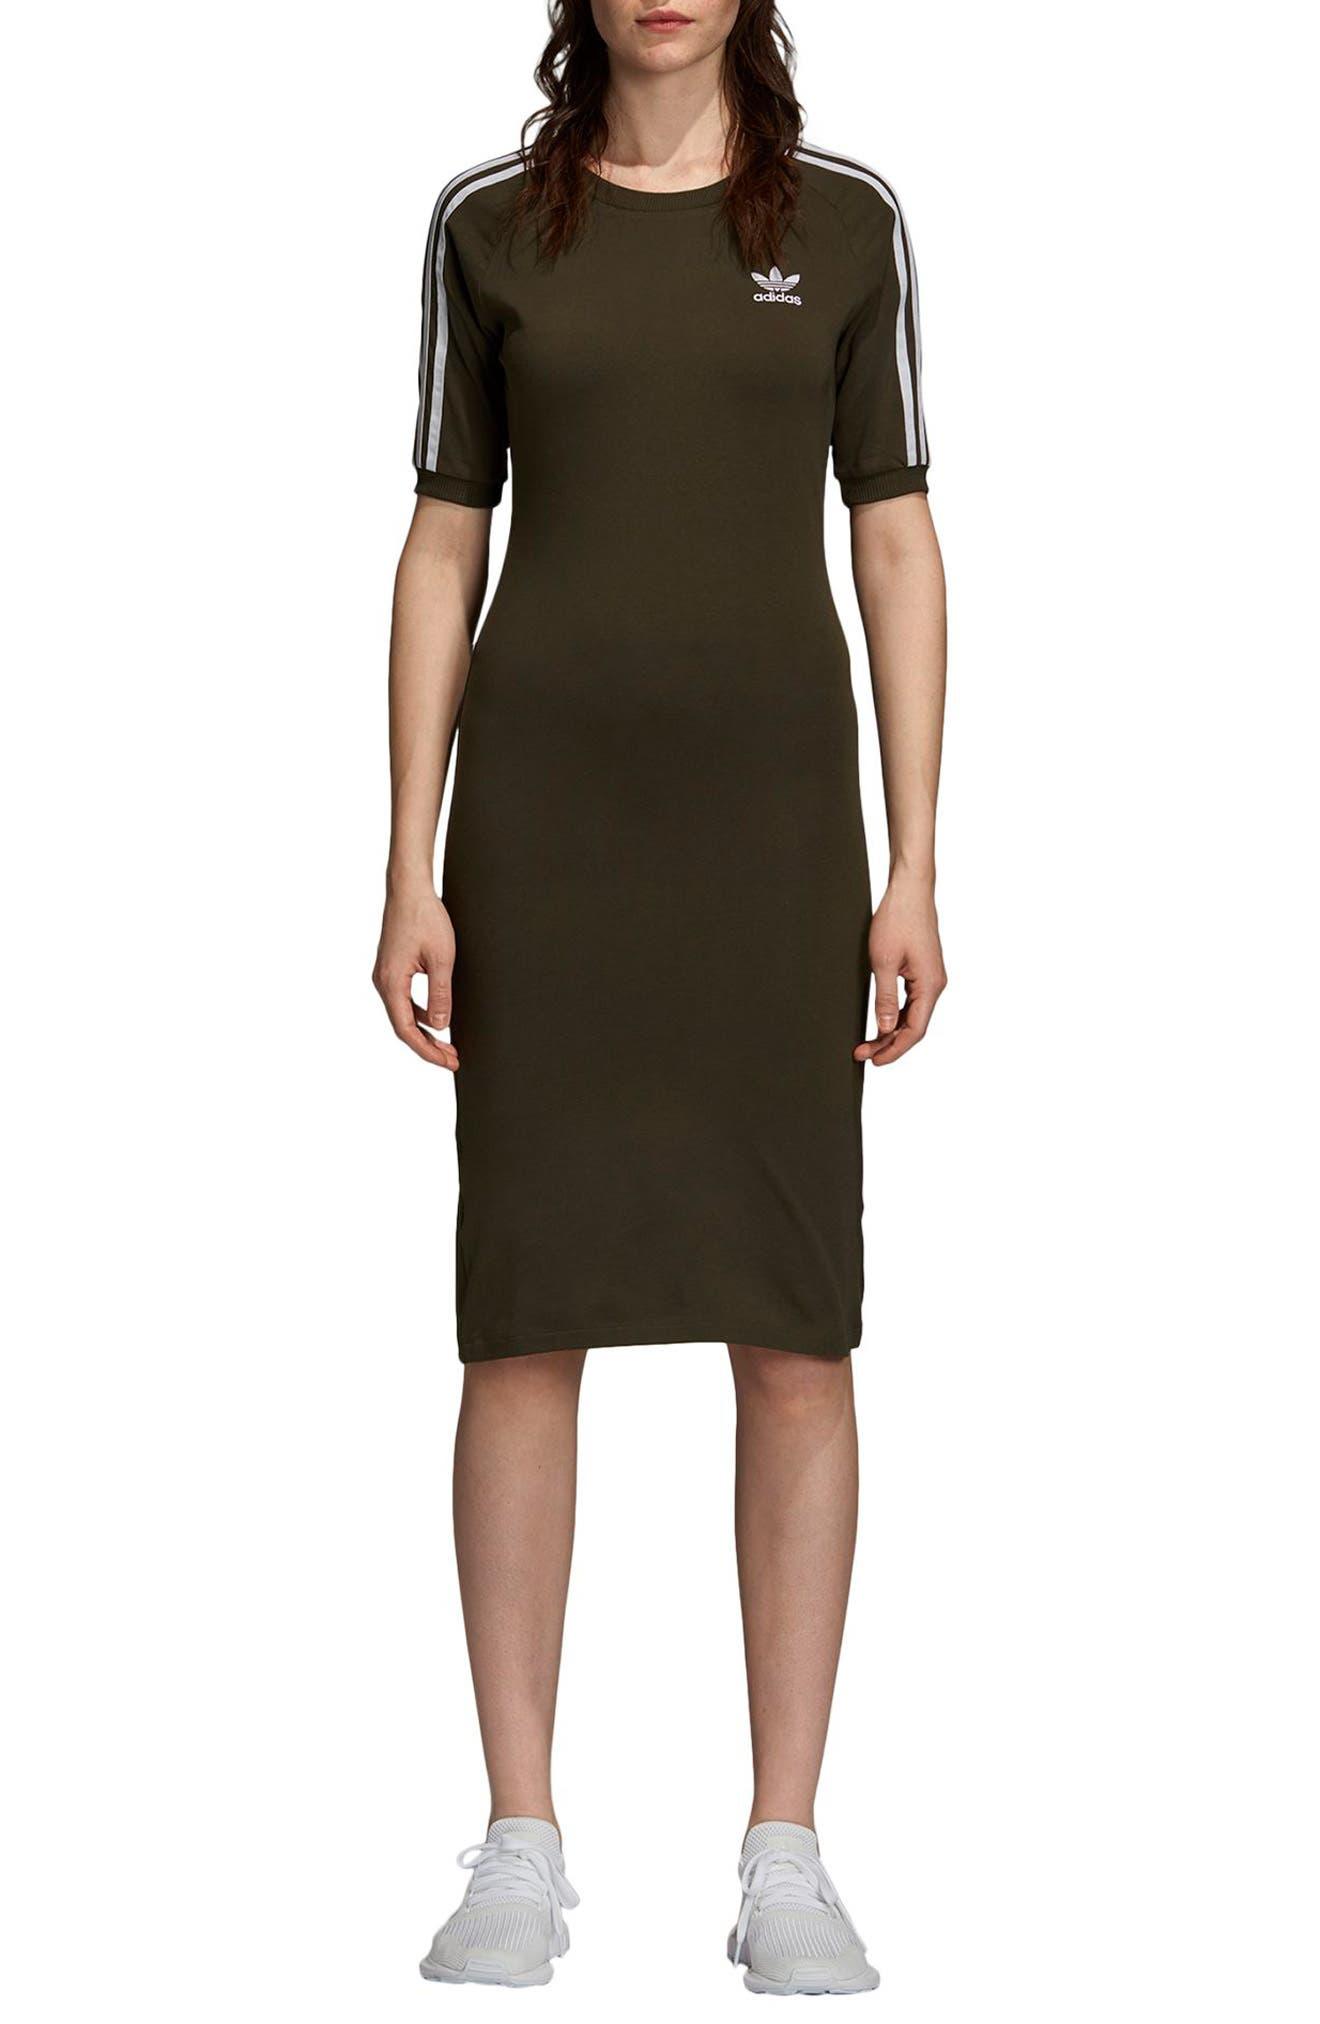 adidas 3-Stripes Dress,                         Main,                         color, NIGHT CARGO